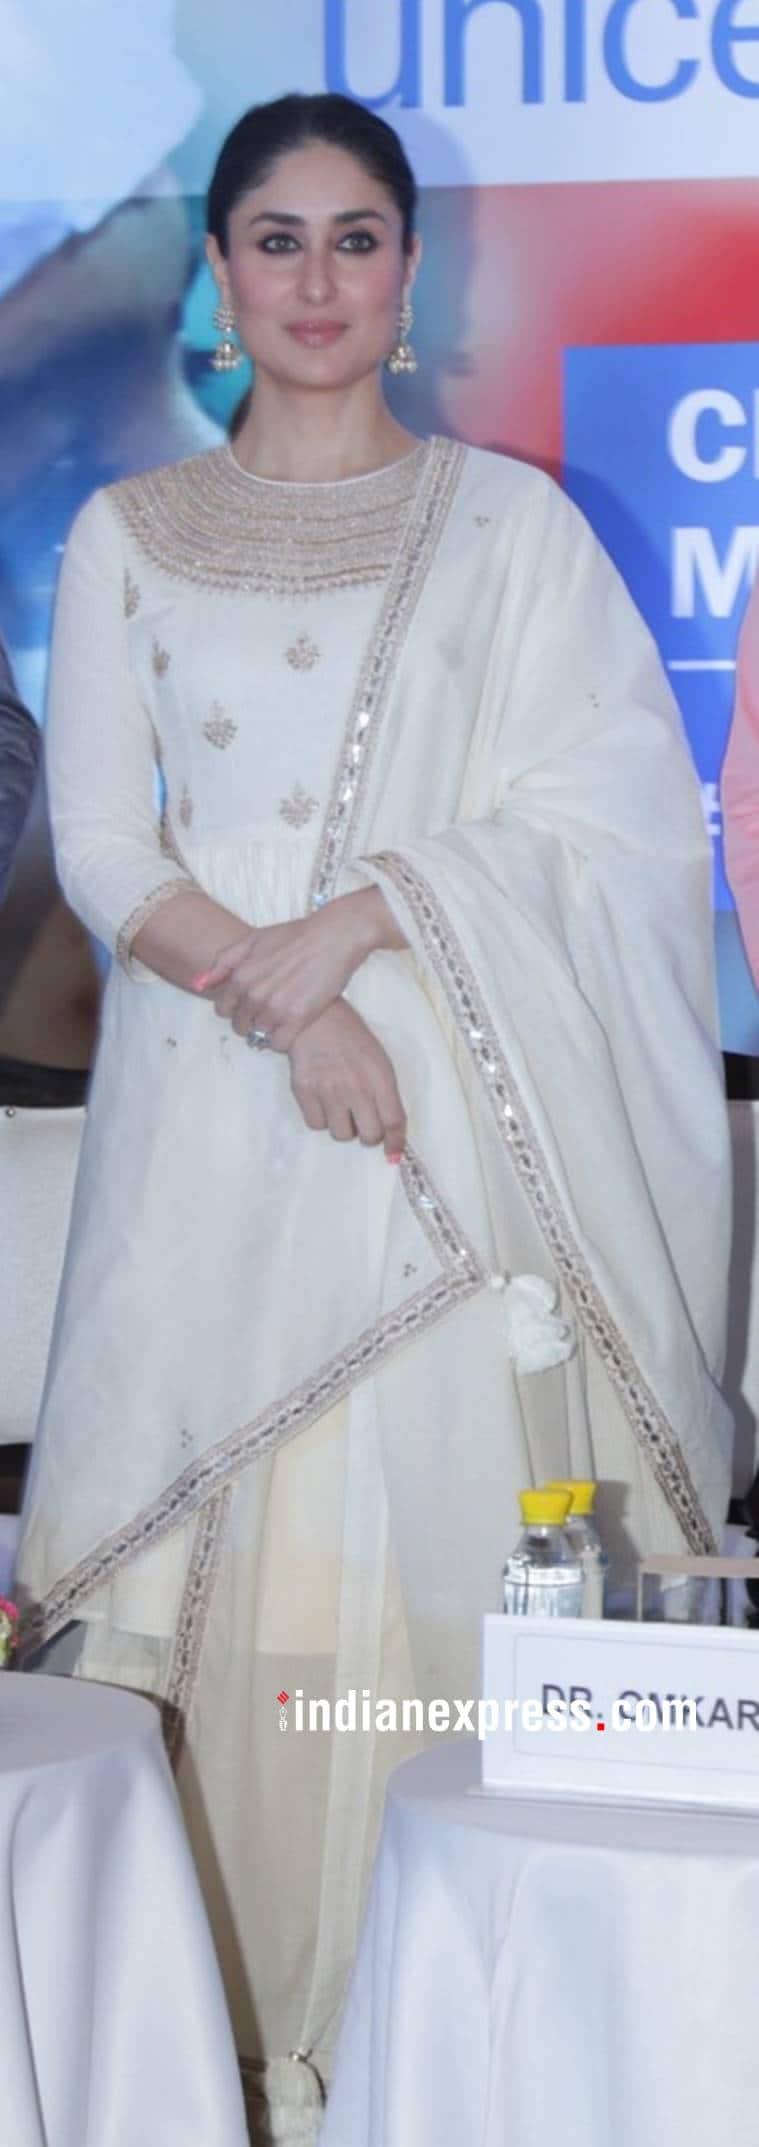 Kareena Kapoor Khan, Kareena Kapoor Khan latest photos, Kareena Kapoor Khan fashion, Kareena Kapoor Khan Punit Balana, Kareena Kapoor Khan UNICEF event, Kareena Kapoor Khan cream sharara, indian express, indian express news